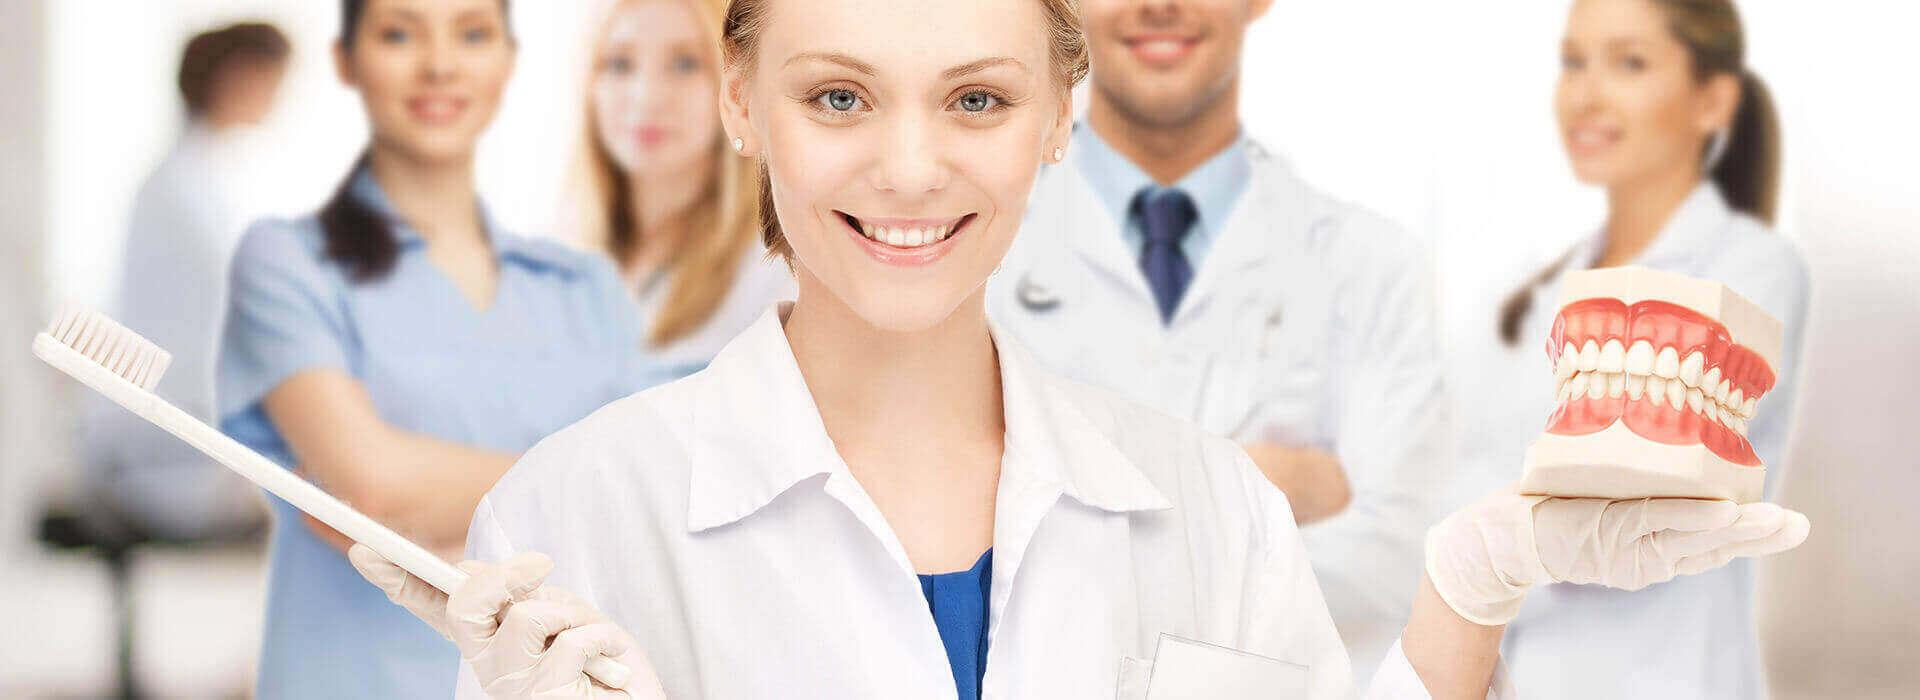 צוות הרופאים עם מברשת ושיניים תותבות במרפאת שיניים דנטאור